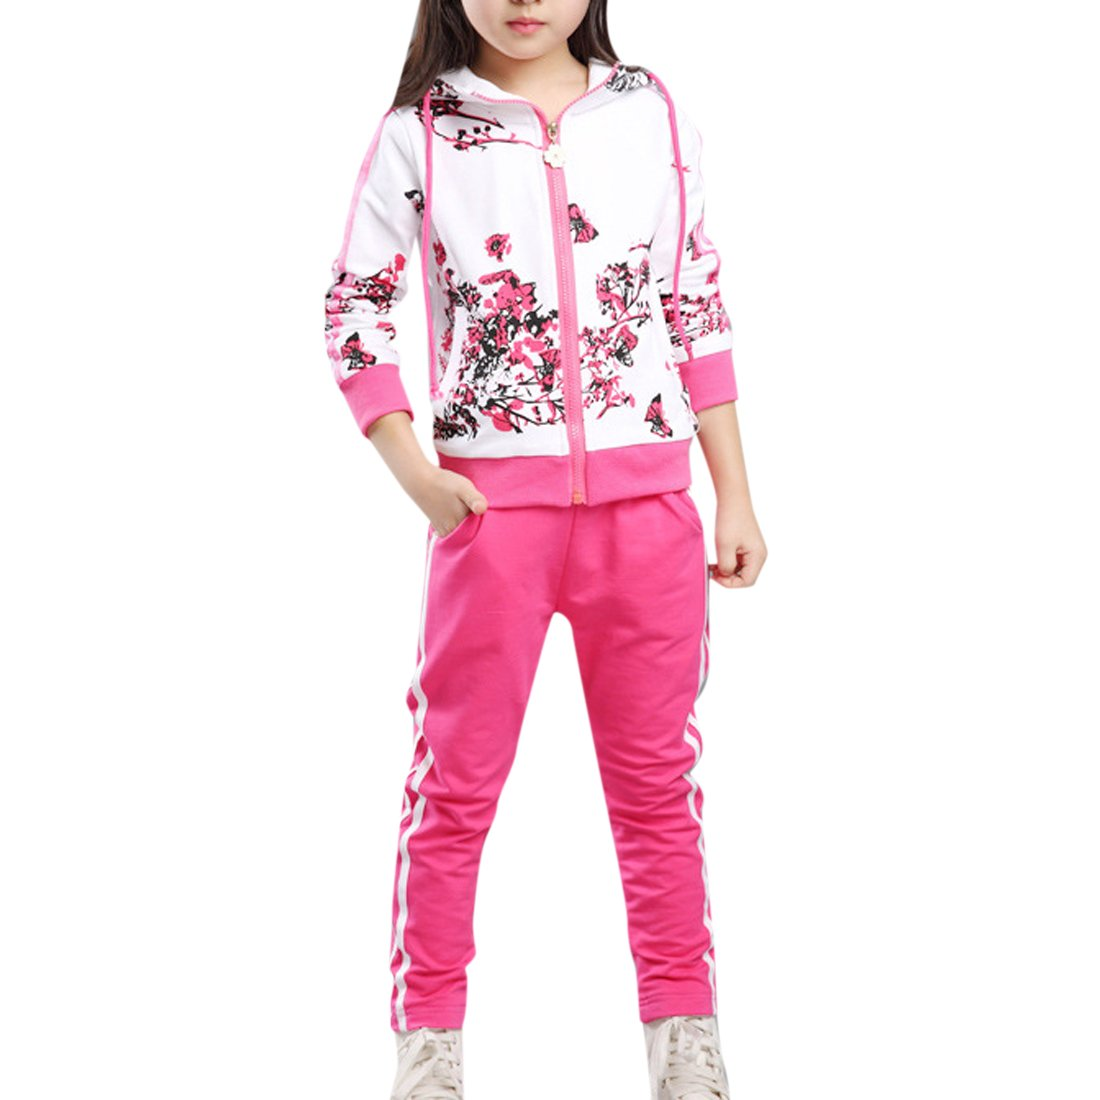 Lopetve Tuta da ginnastica - ragazza Giacca sportiva & pantaloni Fiori